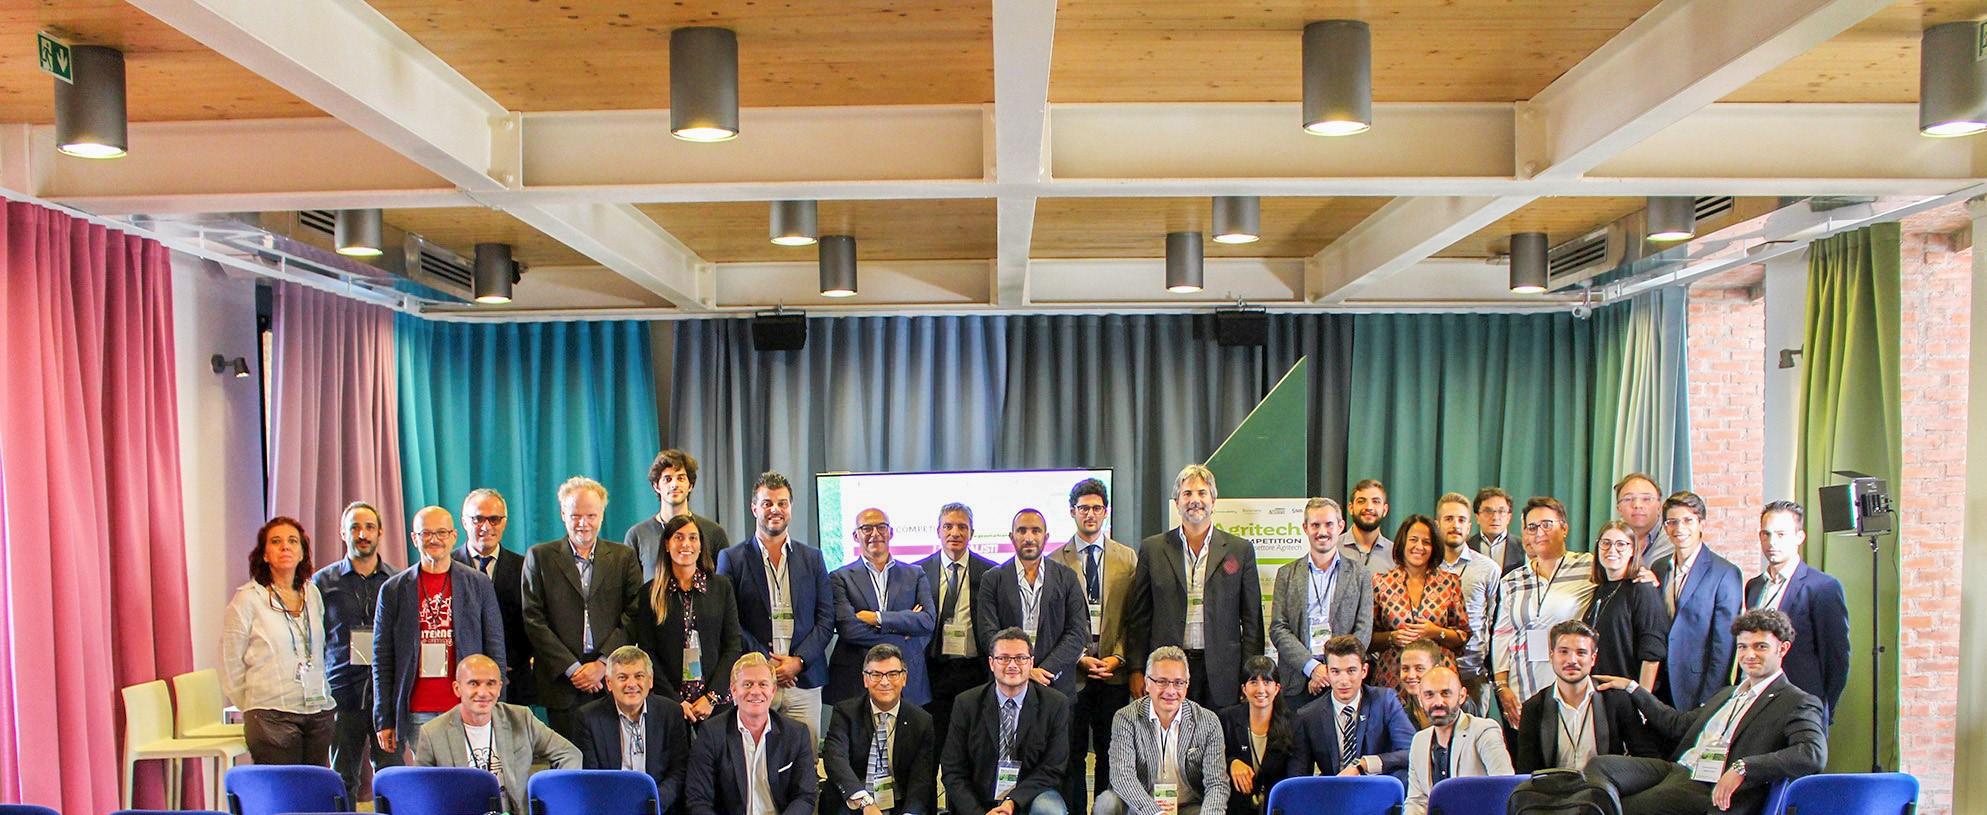 #ReAgritech2019, la startup competition del settore agricolo premia 7 soluzioni d'eccellenza